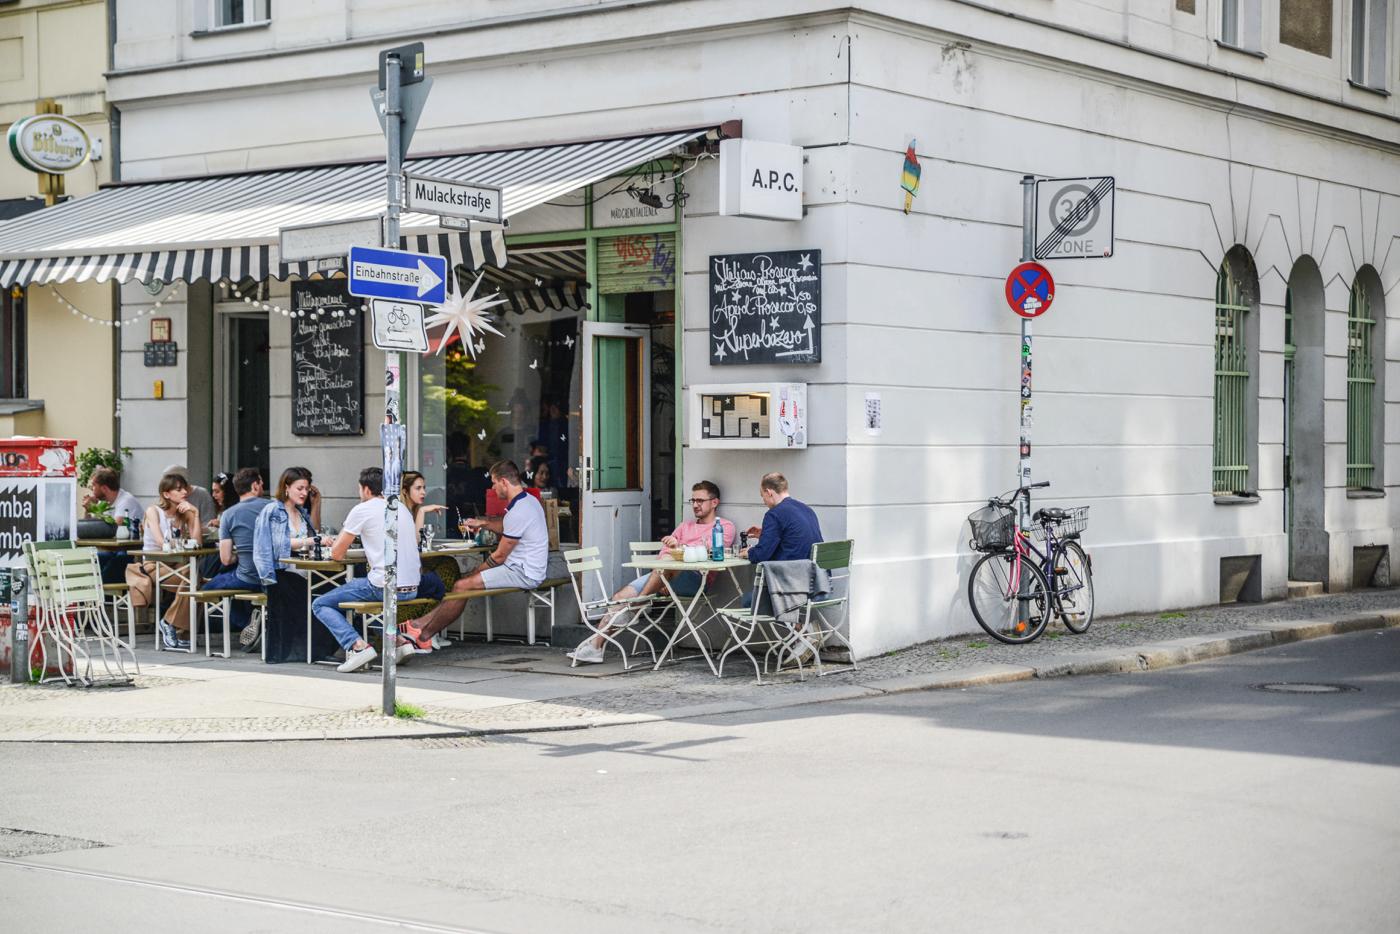 Tipps für Mitte: Einen schönen Sommertag in Mitte lässt man am besten bei Pasta und Wein beim Mädchenitaliener ausklingen.